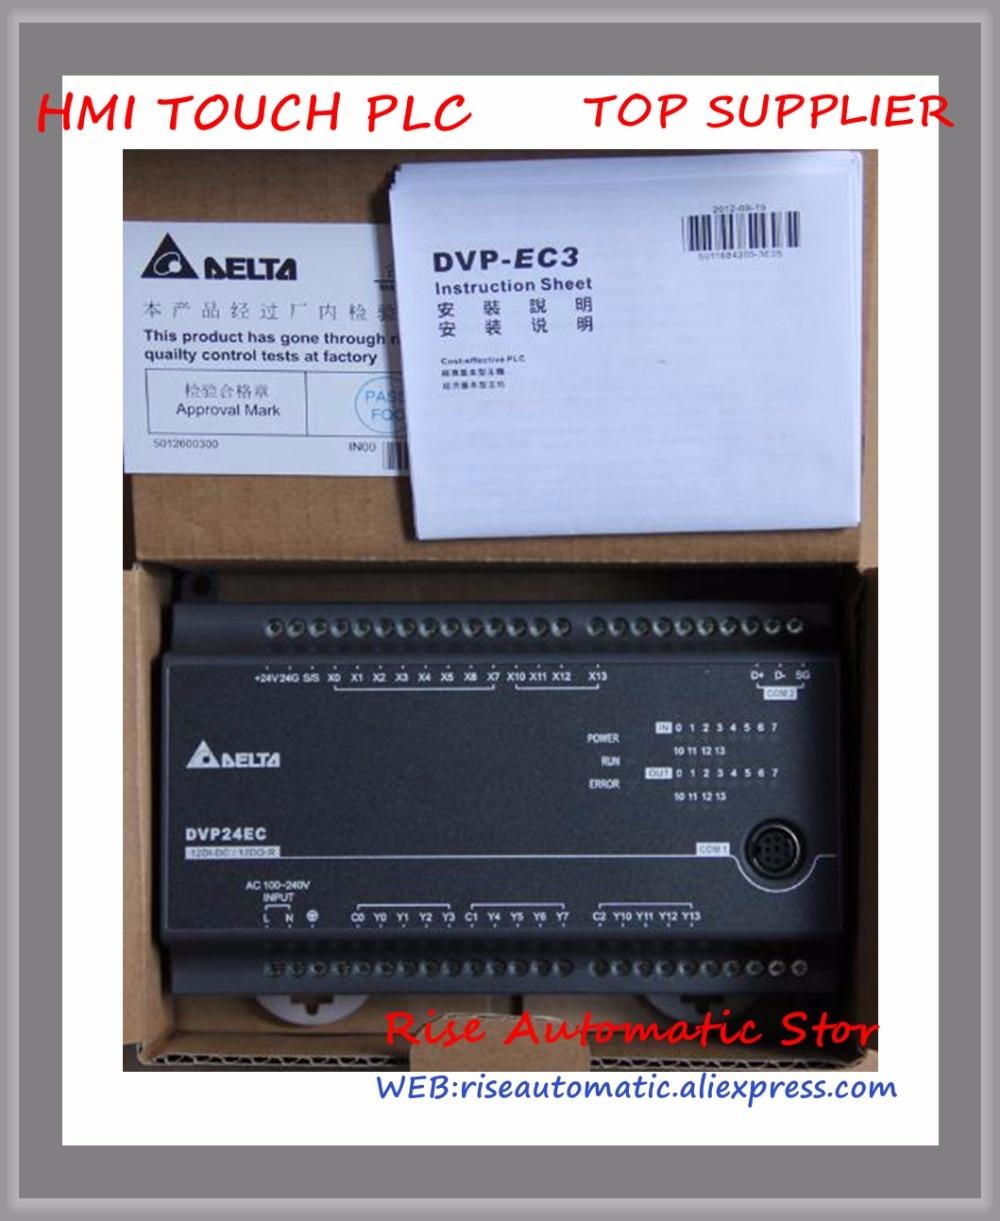 New Original DVP24EC00R2 DVP24EC00R3 PLC DI 12 DO 12 Relay 100-240VAC 100% test good quality new original programmable controller ec3 series standard plc module di 8 do 8 relay dvp16ec00t3 dvp16ec00r3 100 240vac